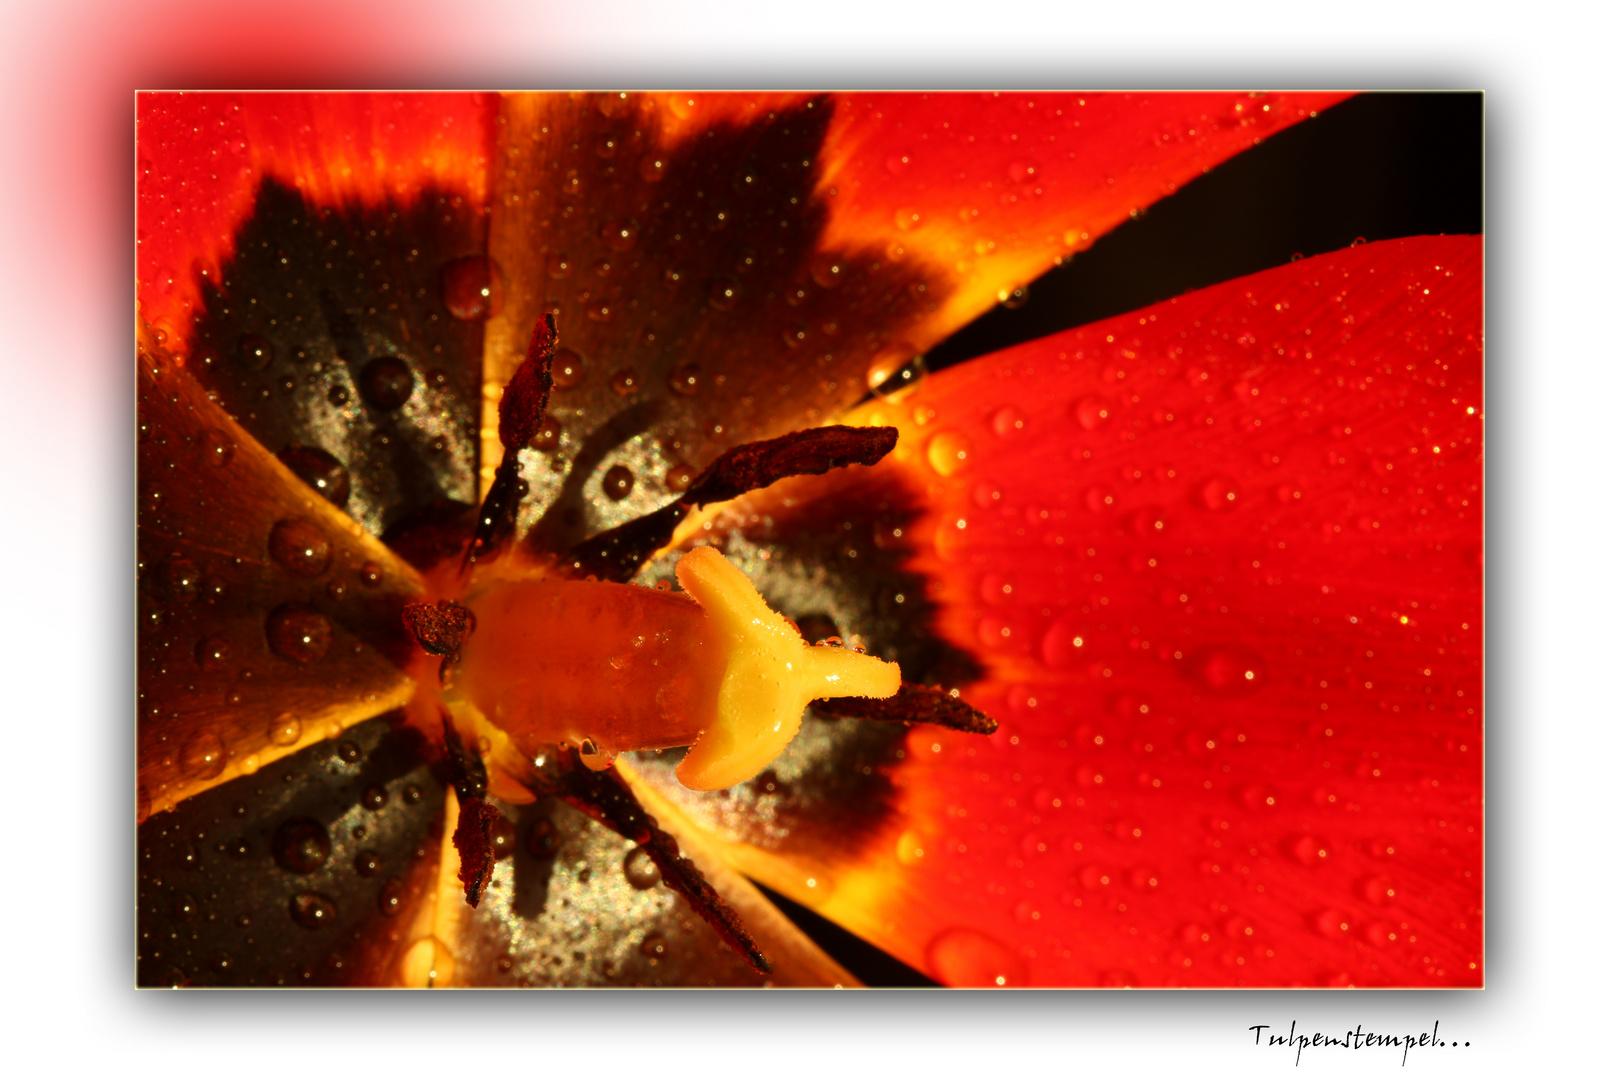 Tulpenstempel...